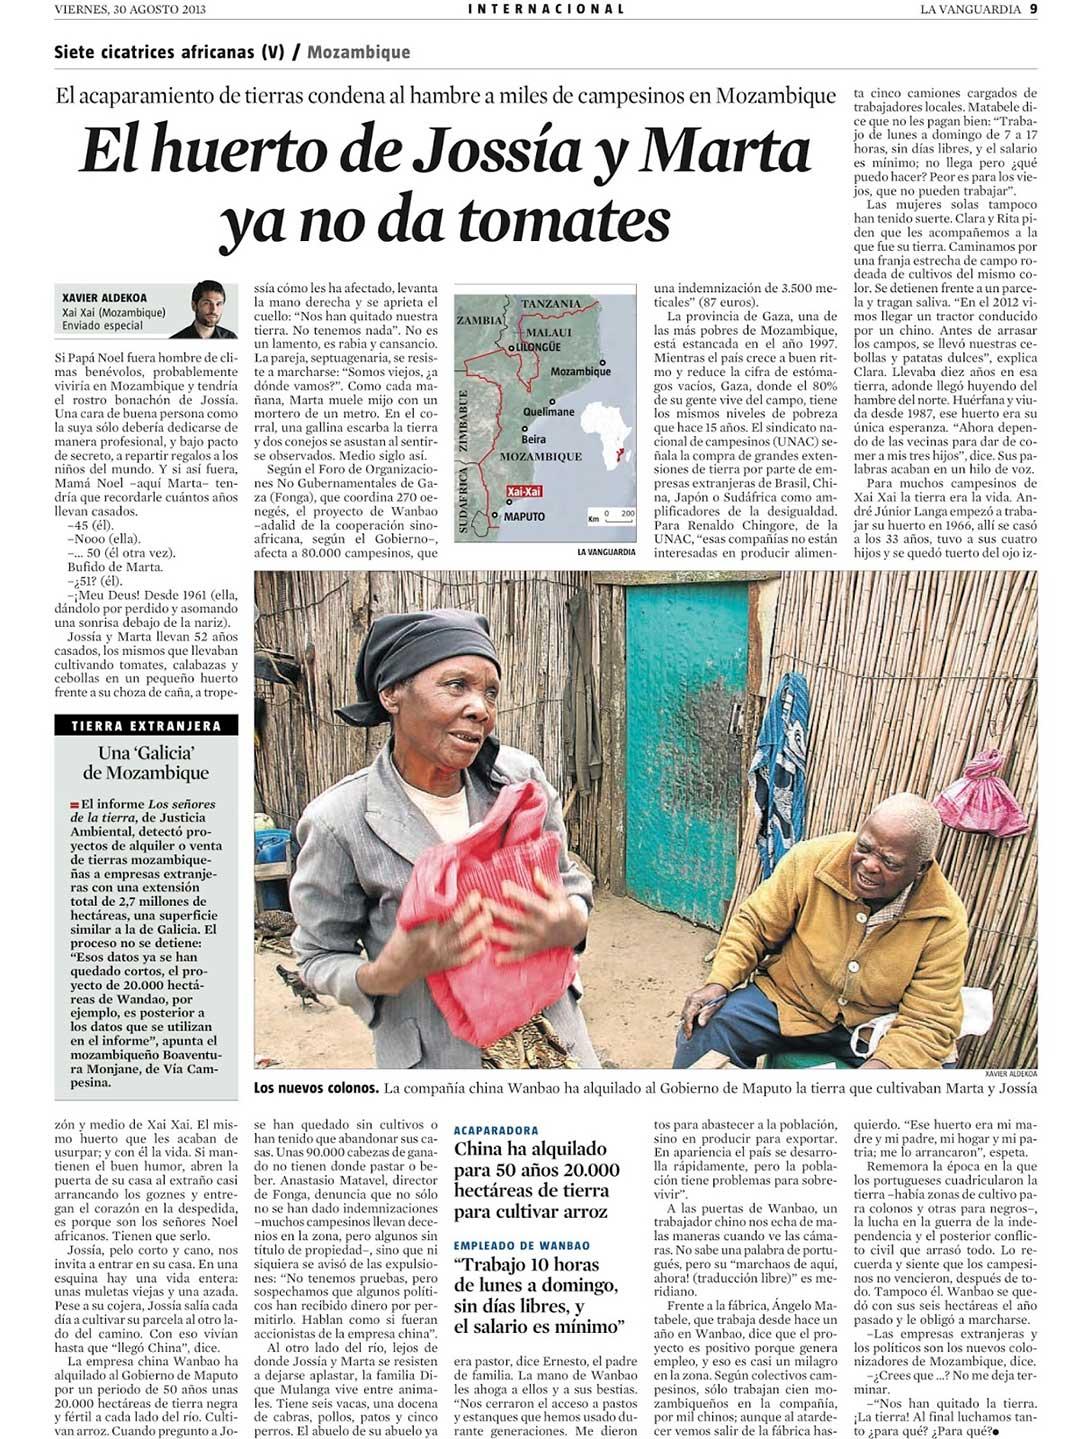 El huerto de Jossía y Marta ya no da tomates